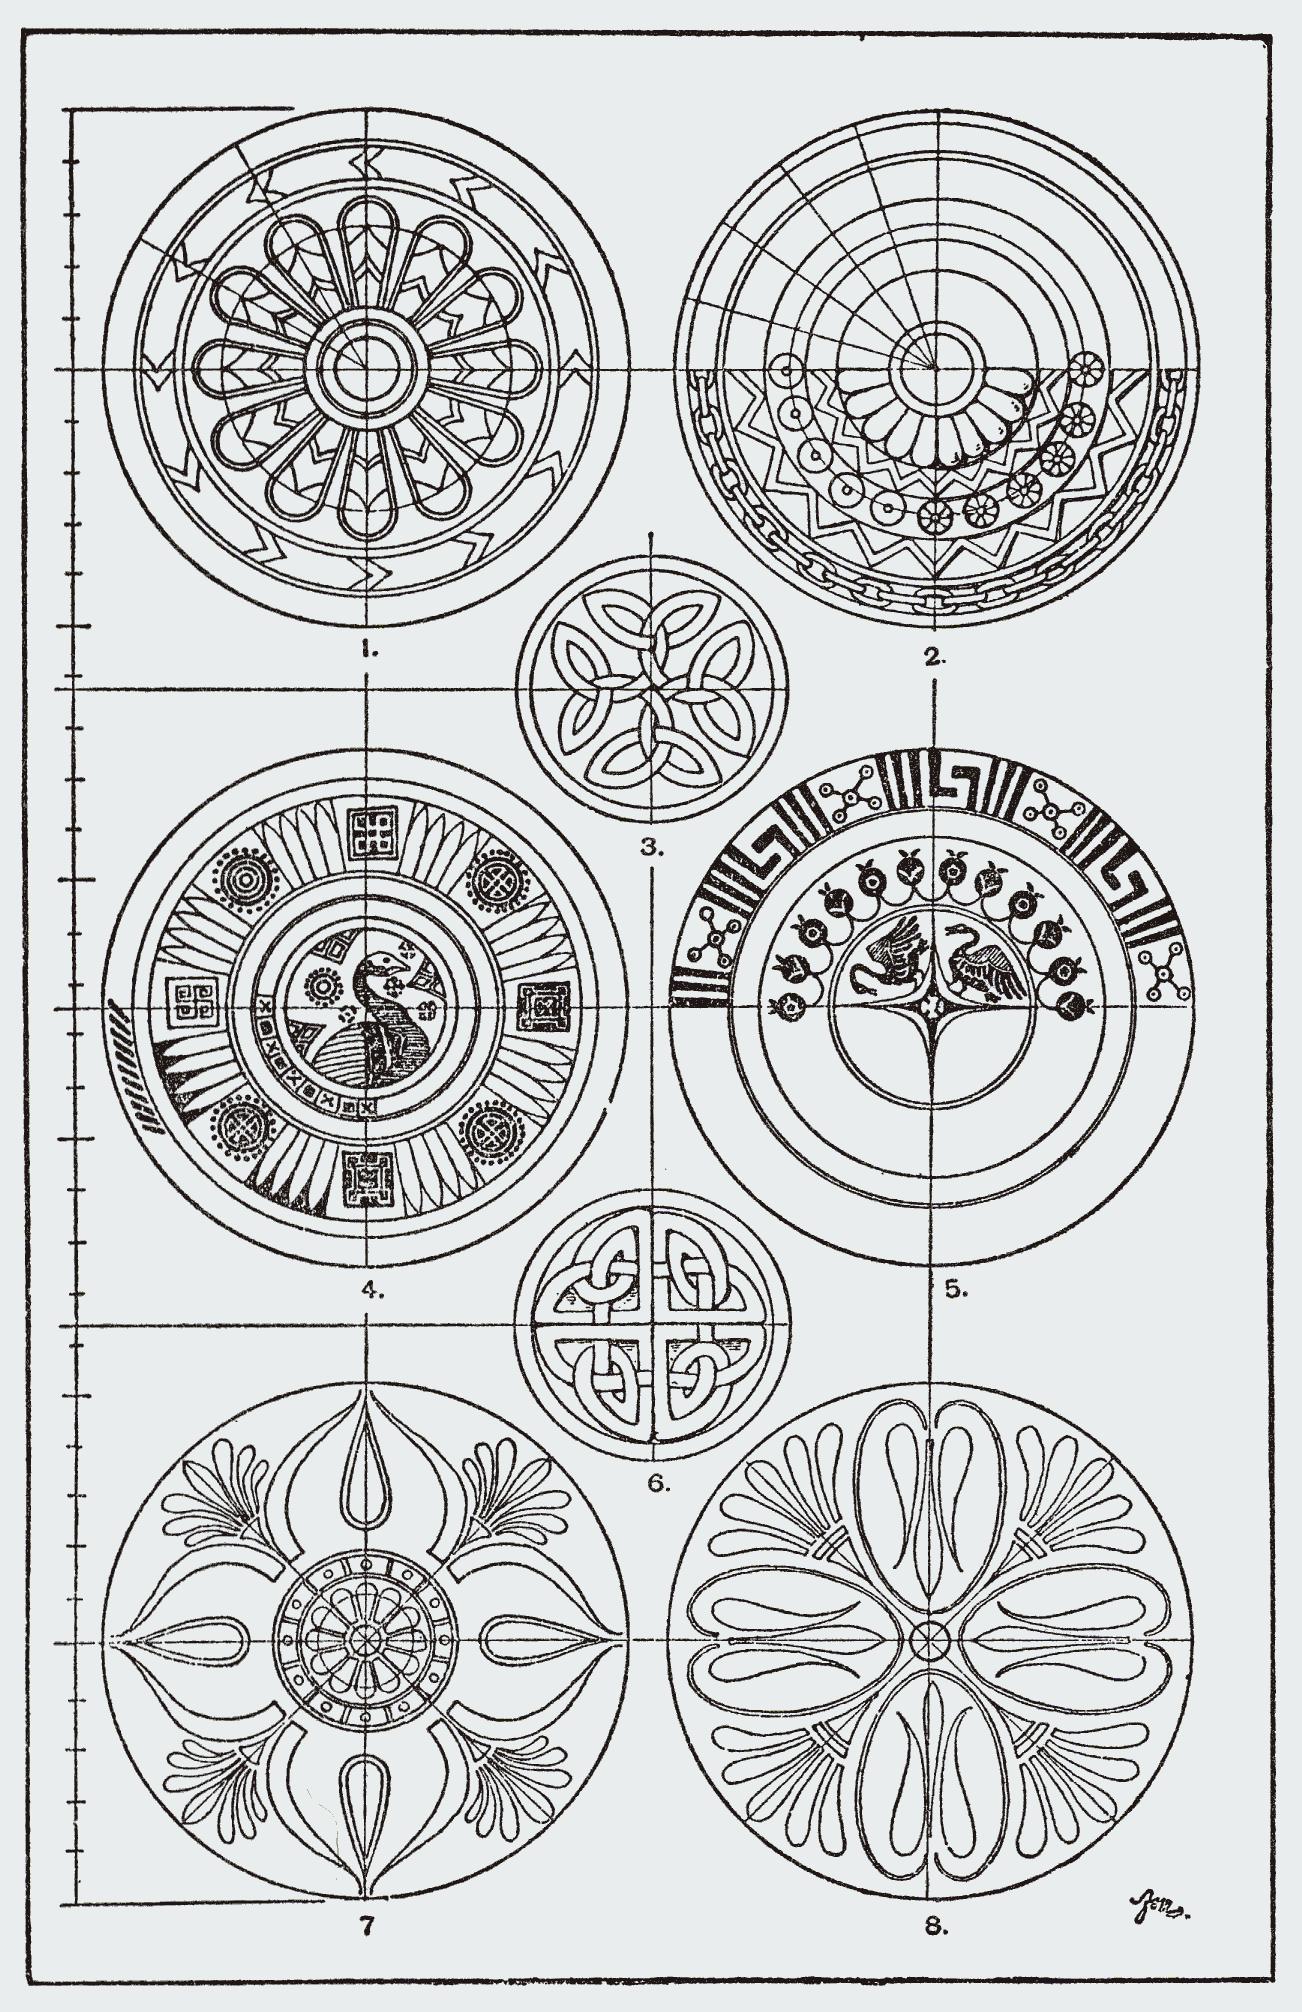 Orna157 Kreis Png 1 302 2 012 Pixel Zirkel Kreis